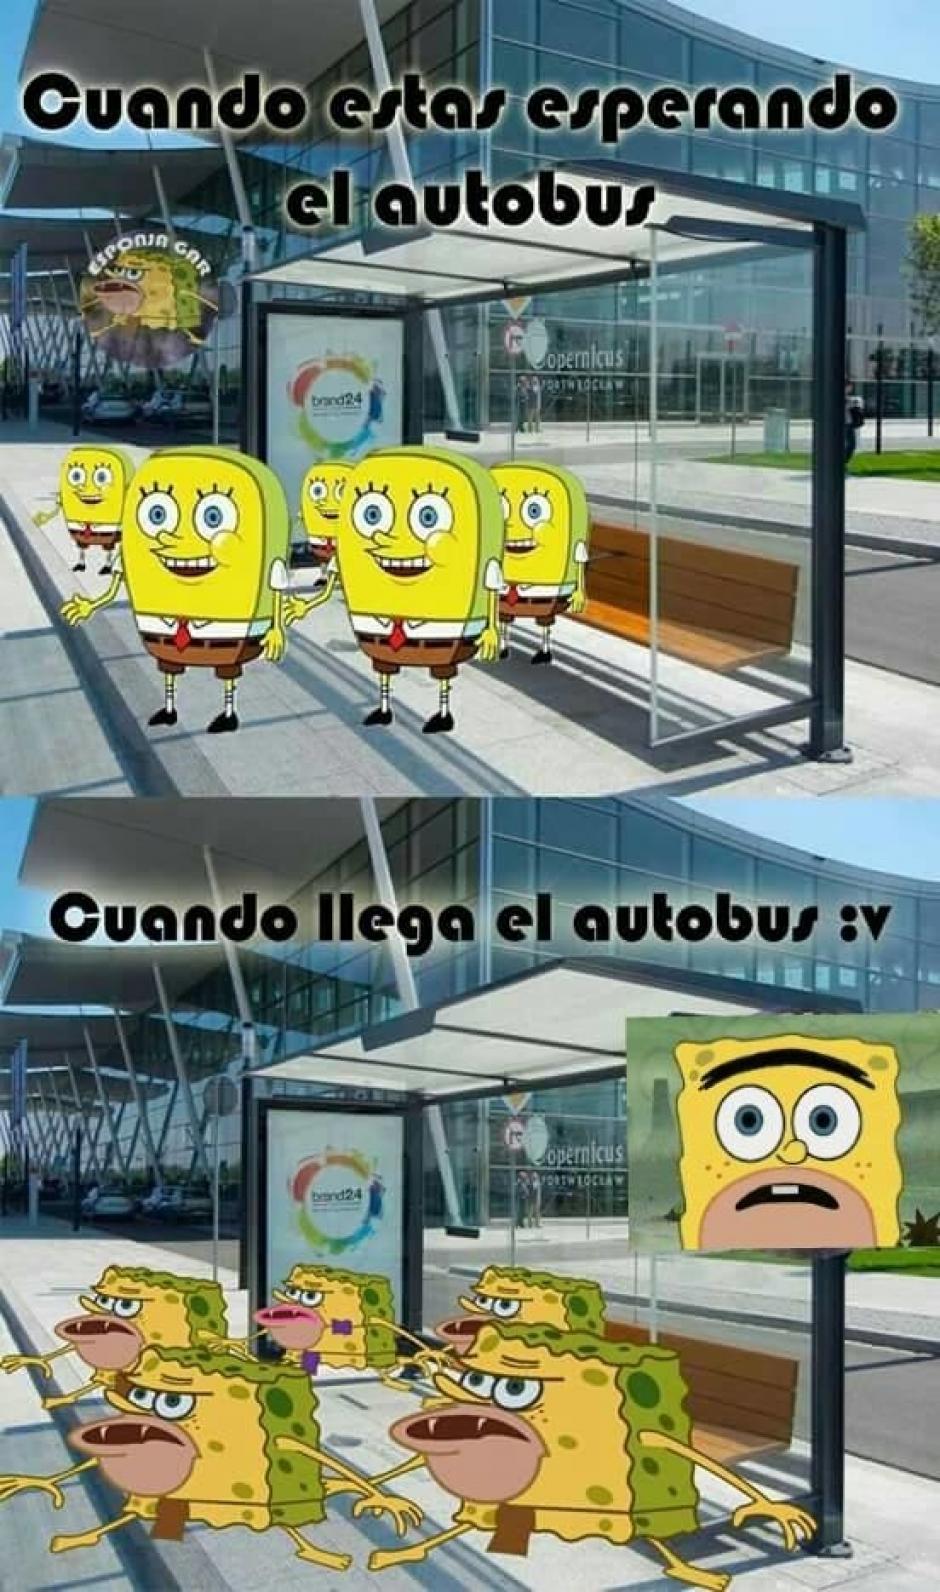 El ingenio de los internautas se ha reflejado en los múltiples memes de Bob Esponja cavernícola. (Foto: notinerd.com)